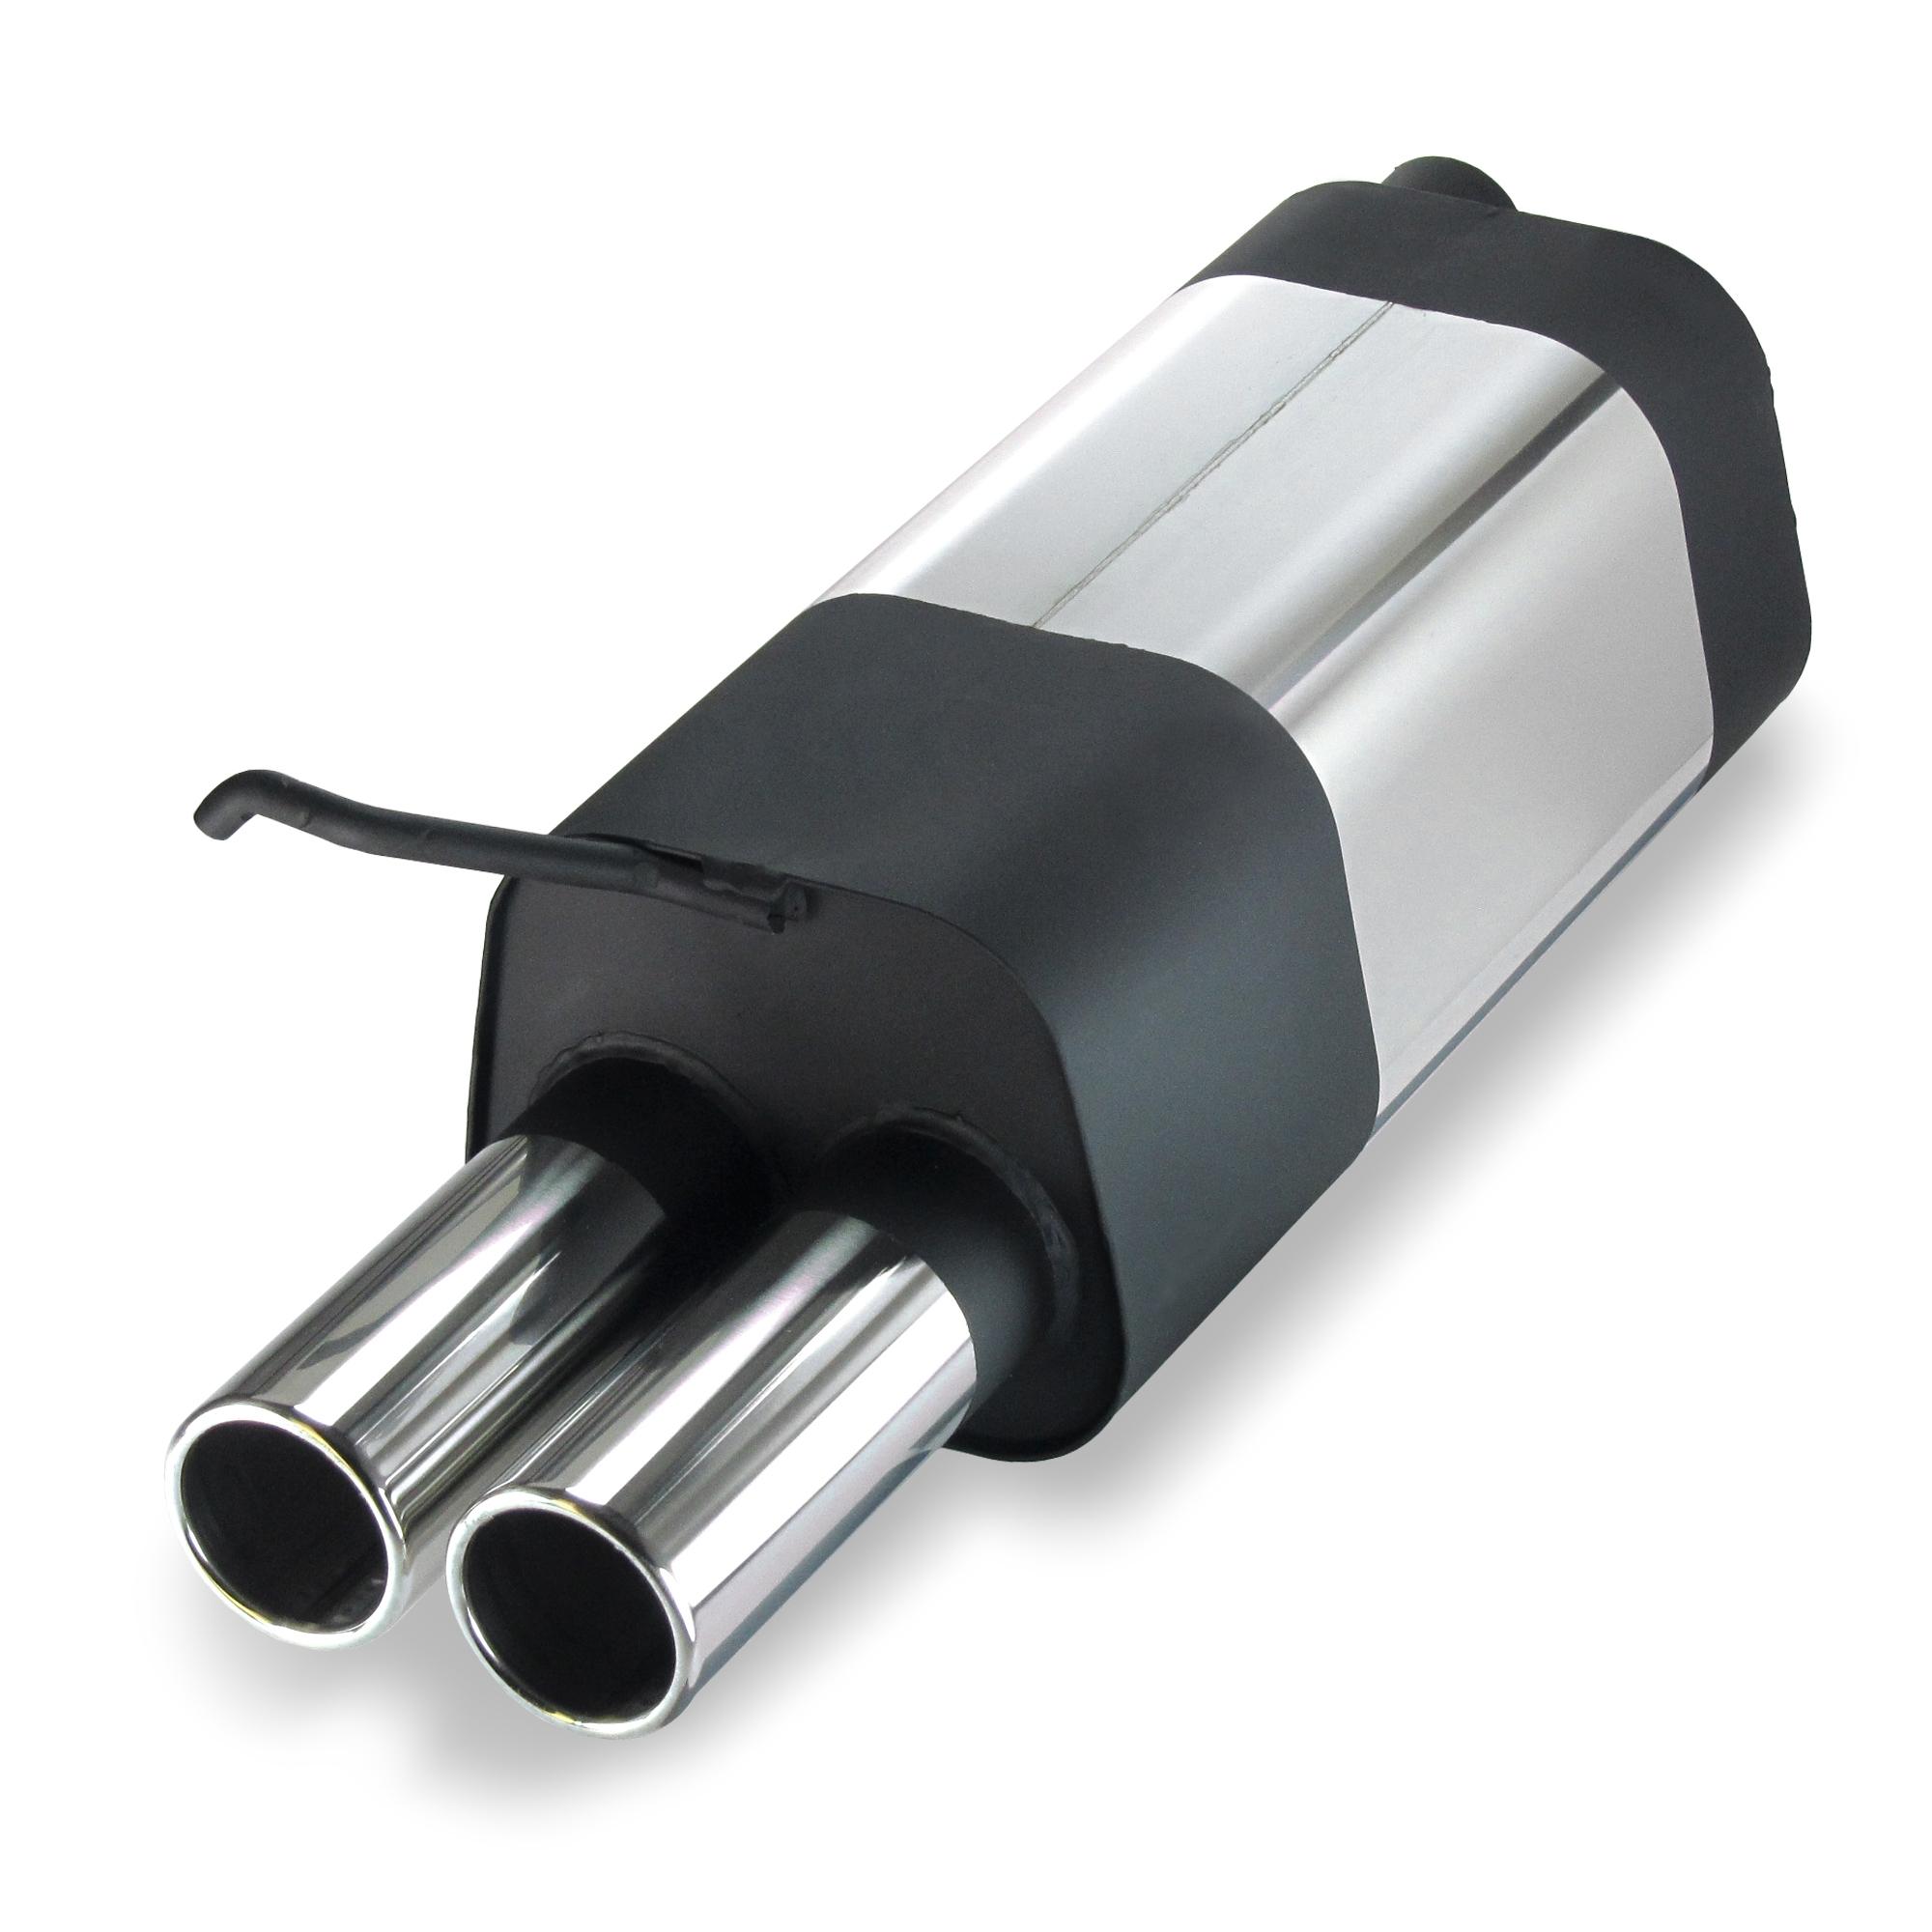 JOM Bagpotte rustfri stål med 2x76 mm lige afgange. Til Seat Leon 1M Udvendig tilbehør > Udstødning